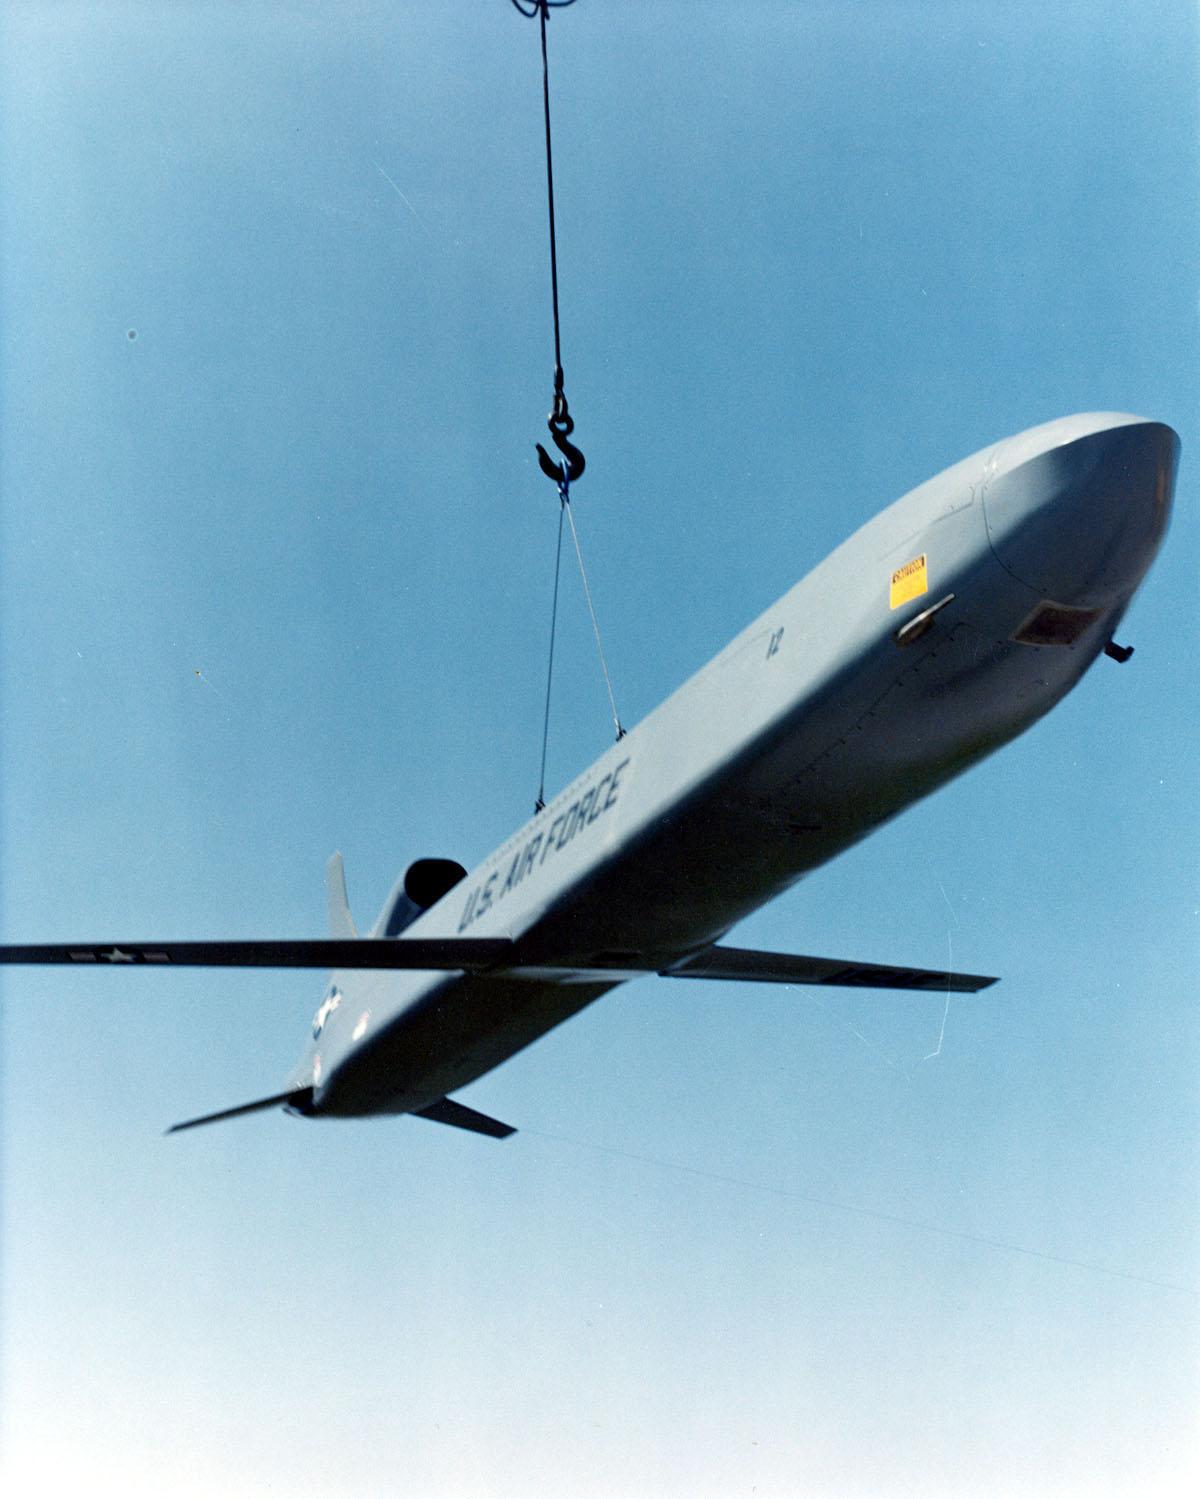 AGM-86B